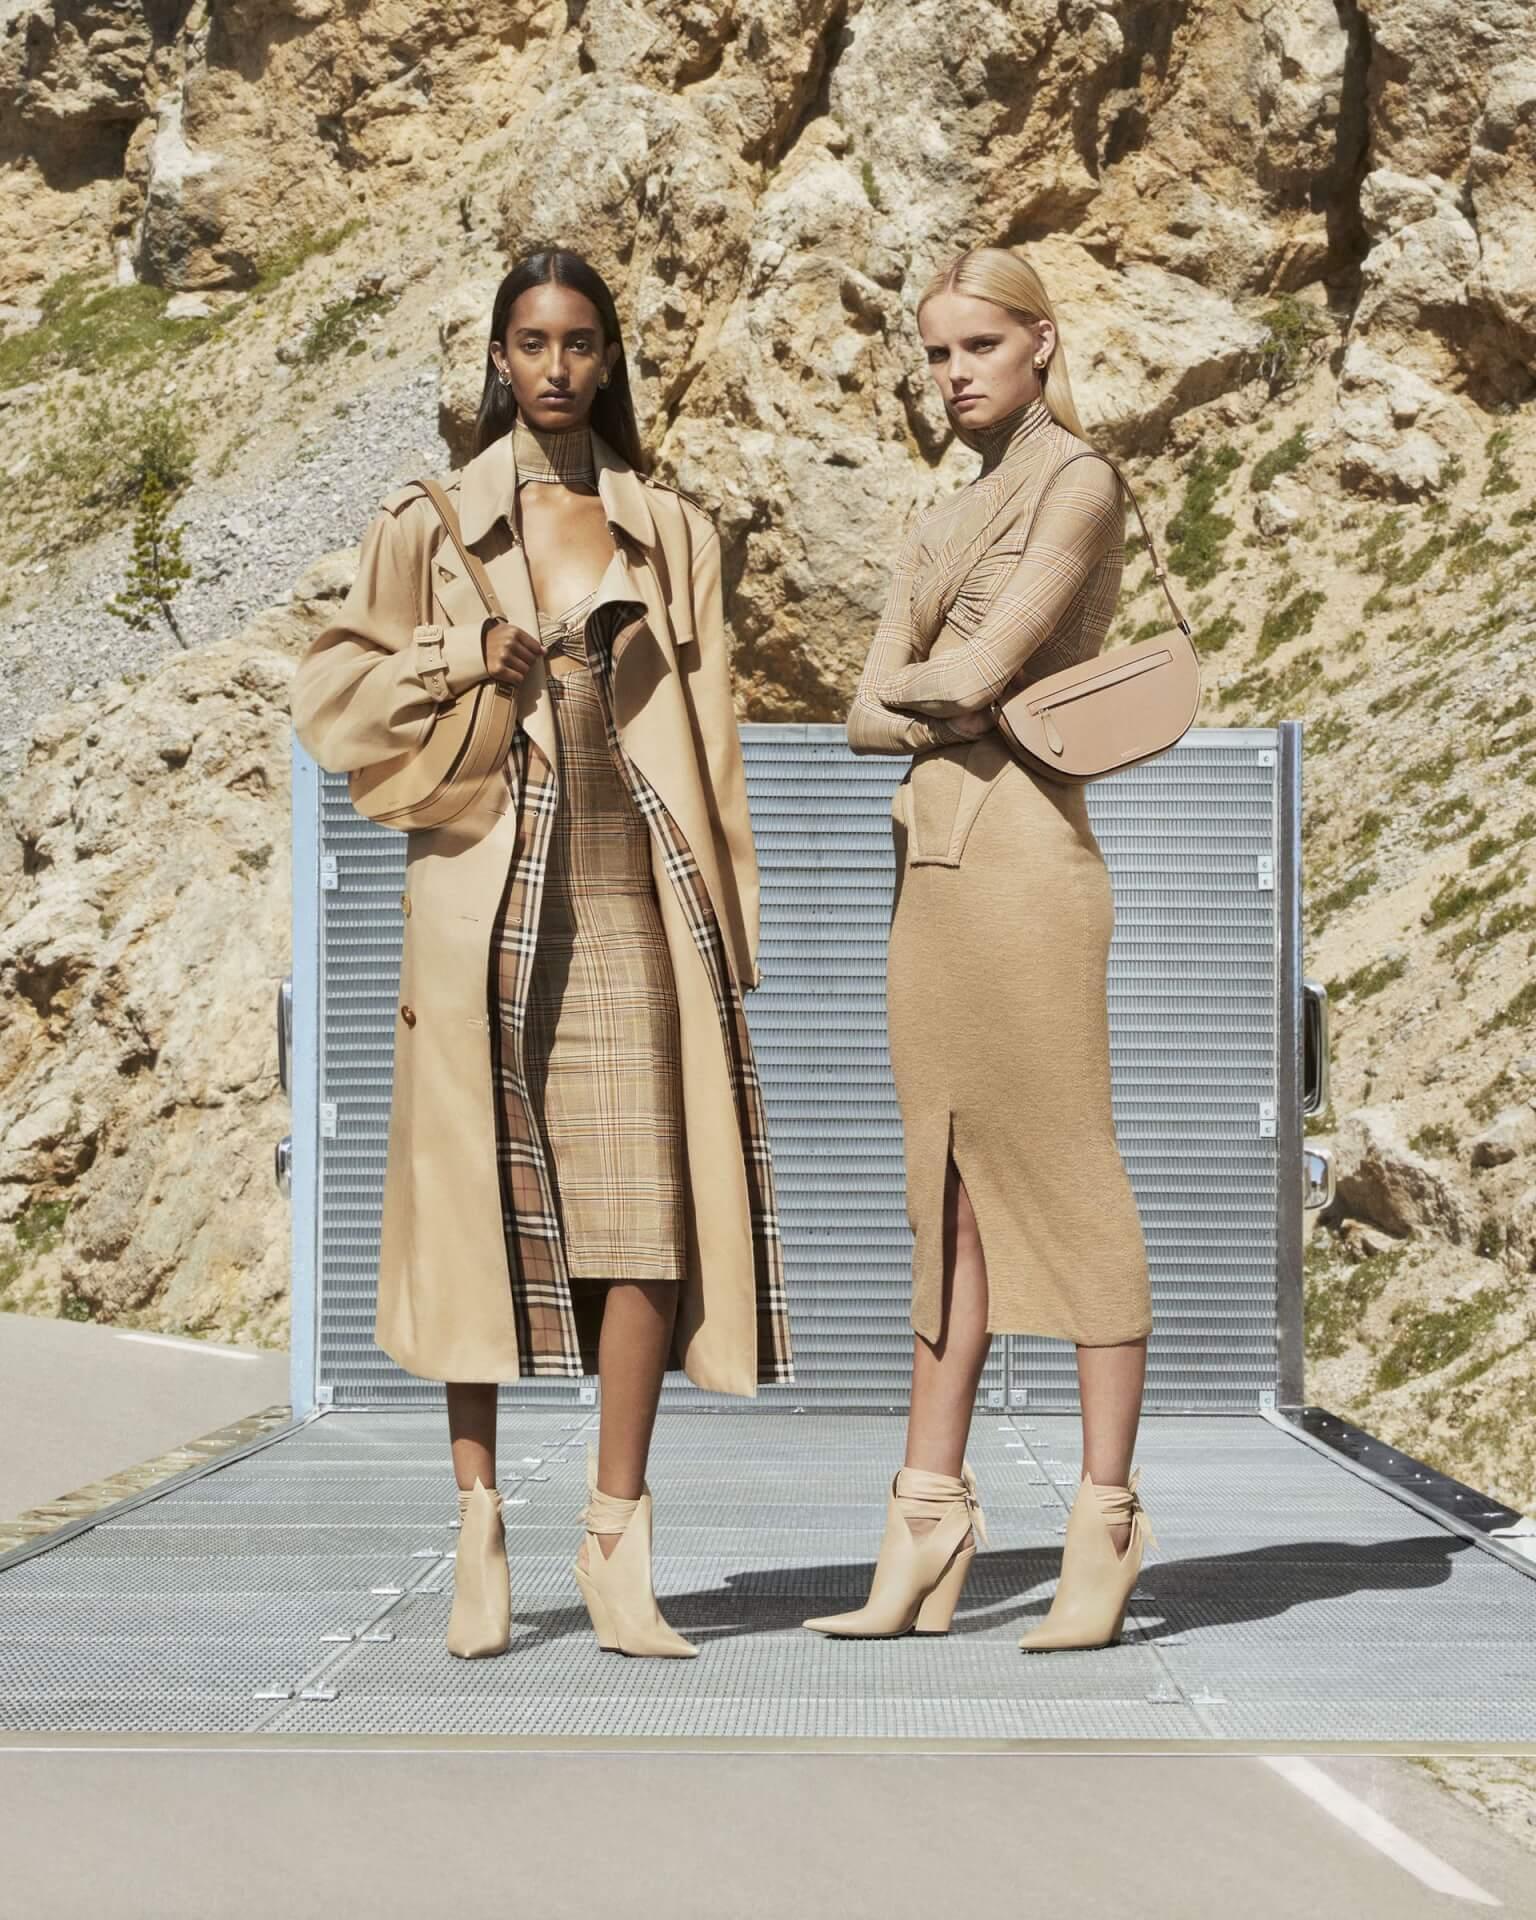 バーバリー2020年秋冬コレクションのキャンペーンが公開!マリアカルラ・ボスコーノやモナ・トゥガードらを起用 fashion2020924-Burberry1